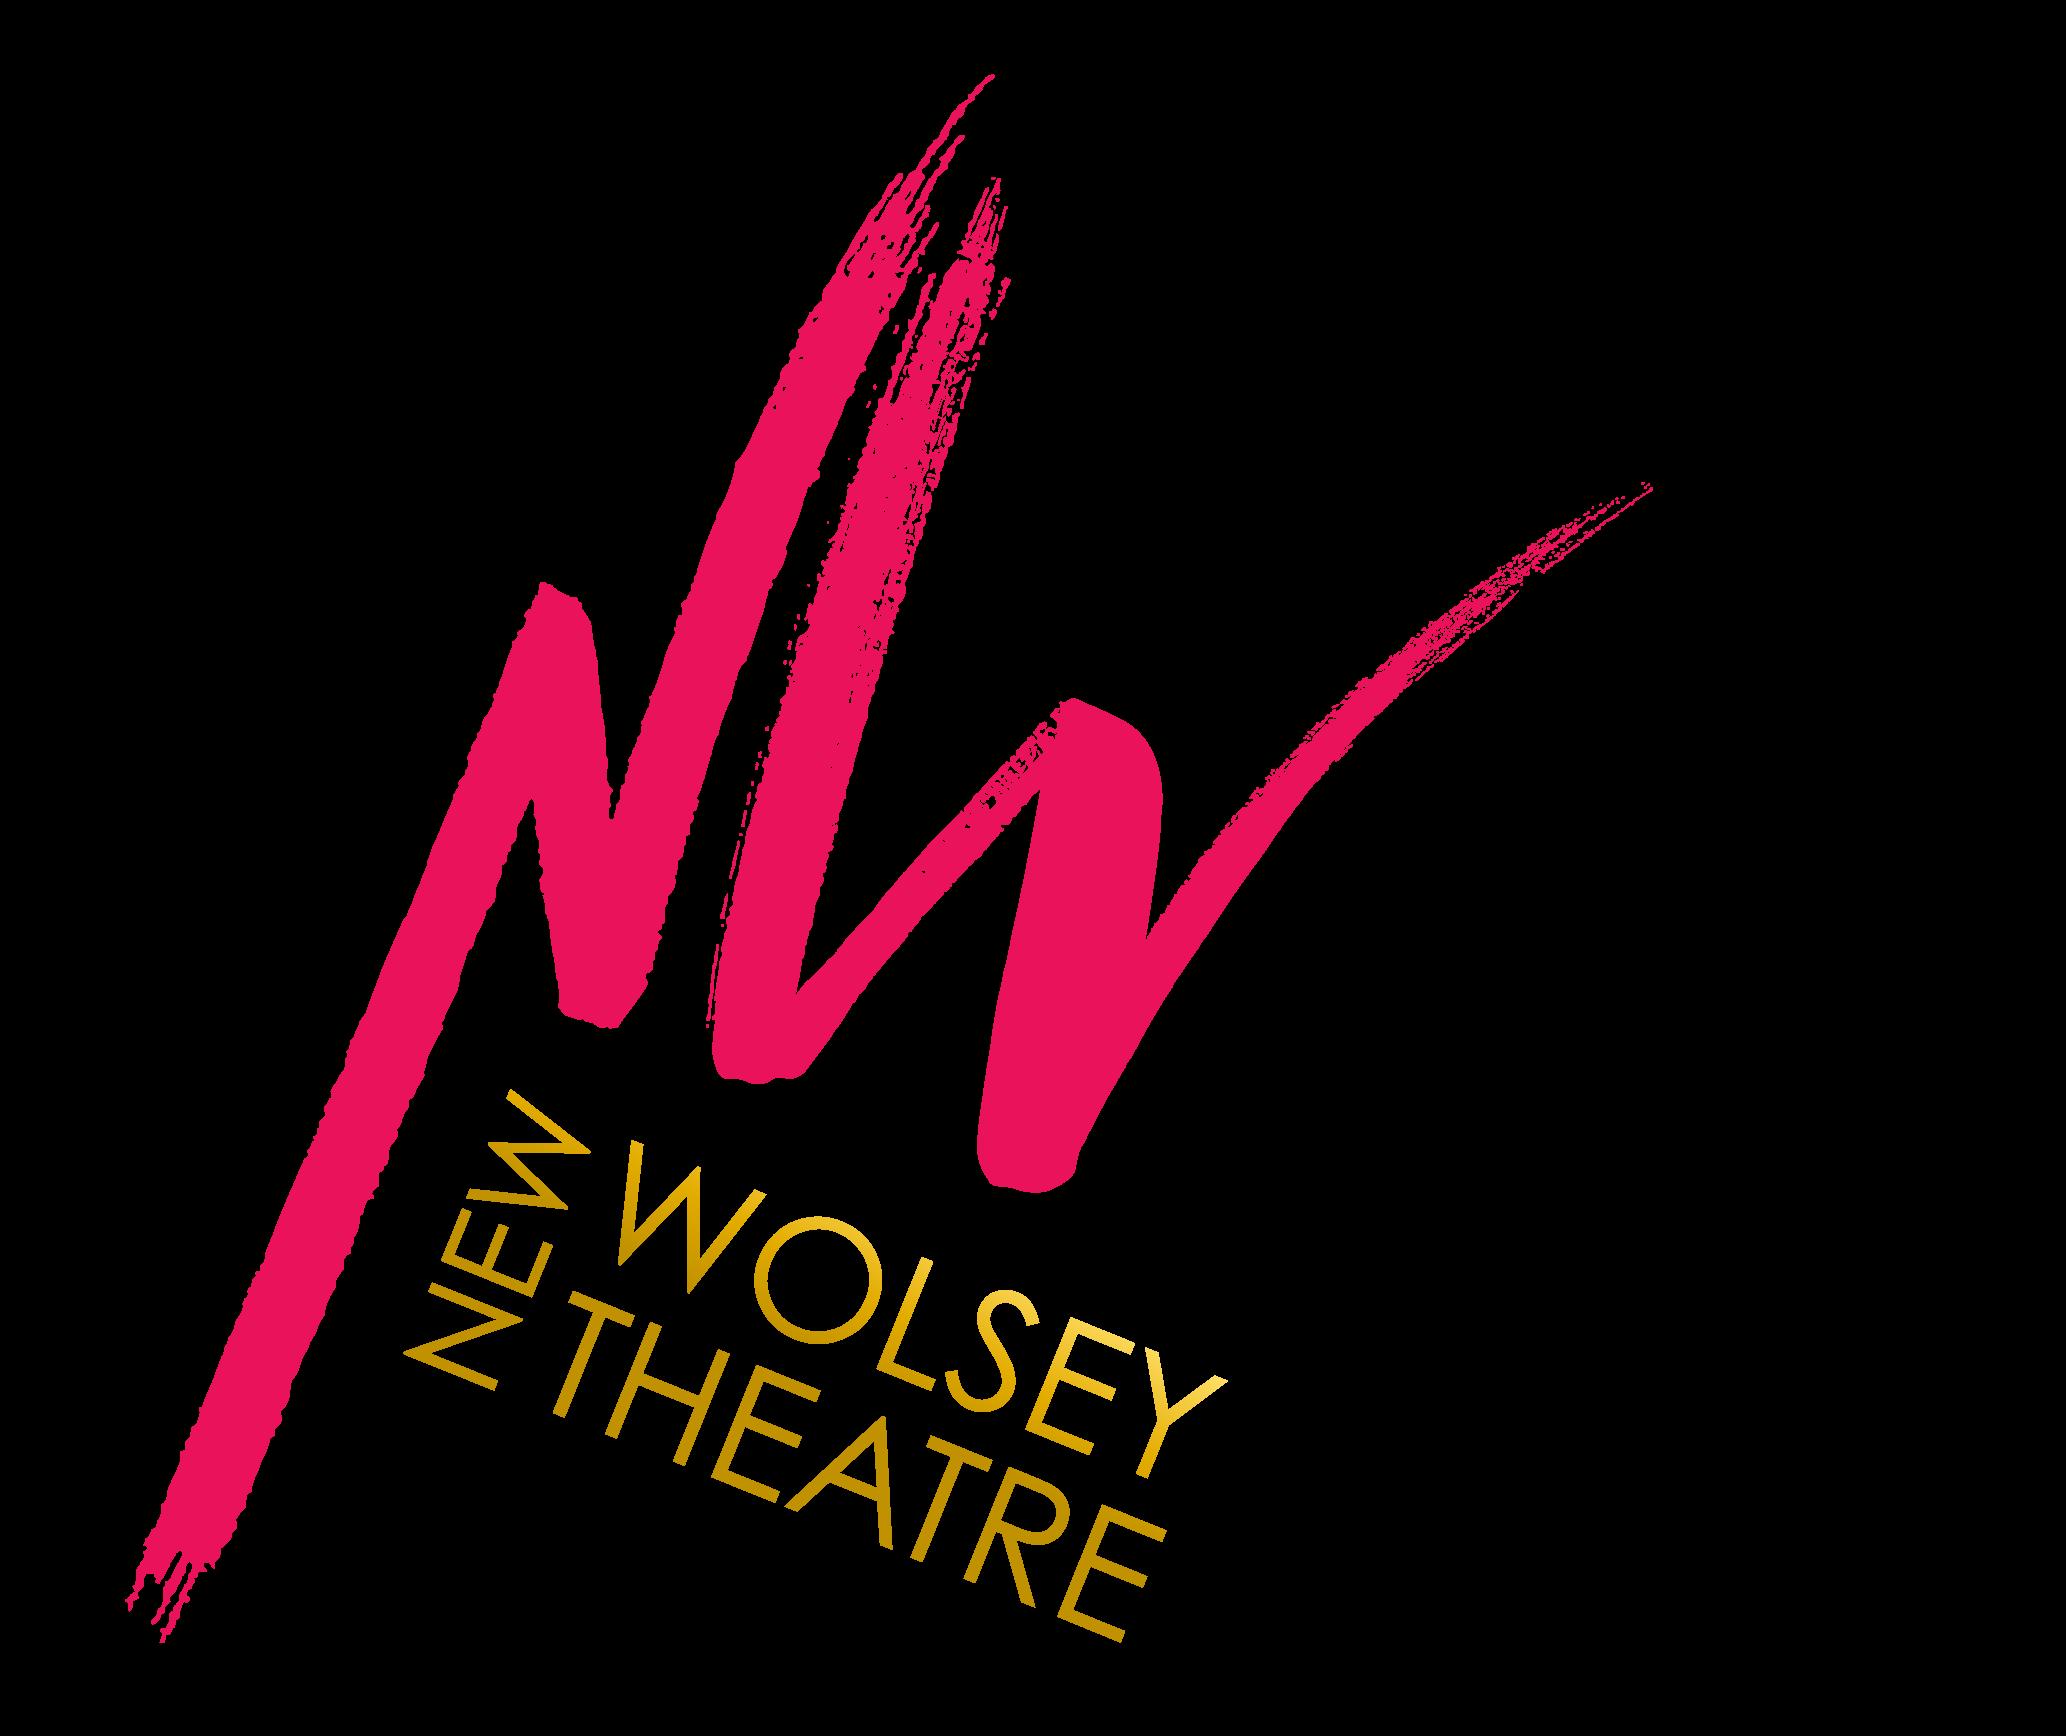 New Wolsey Theatre eGift Voucher